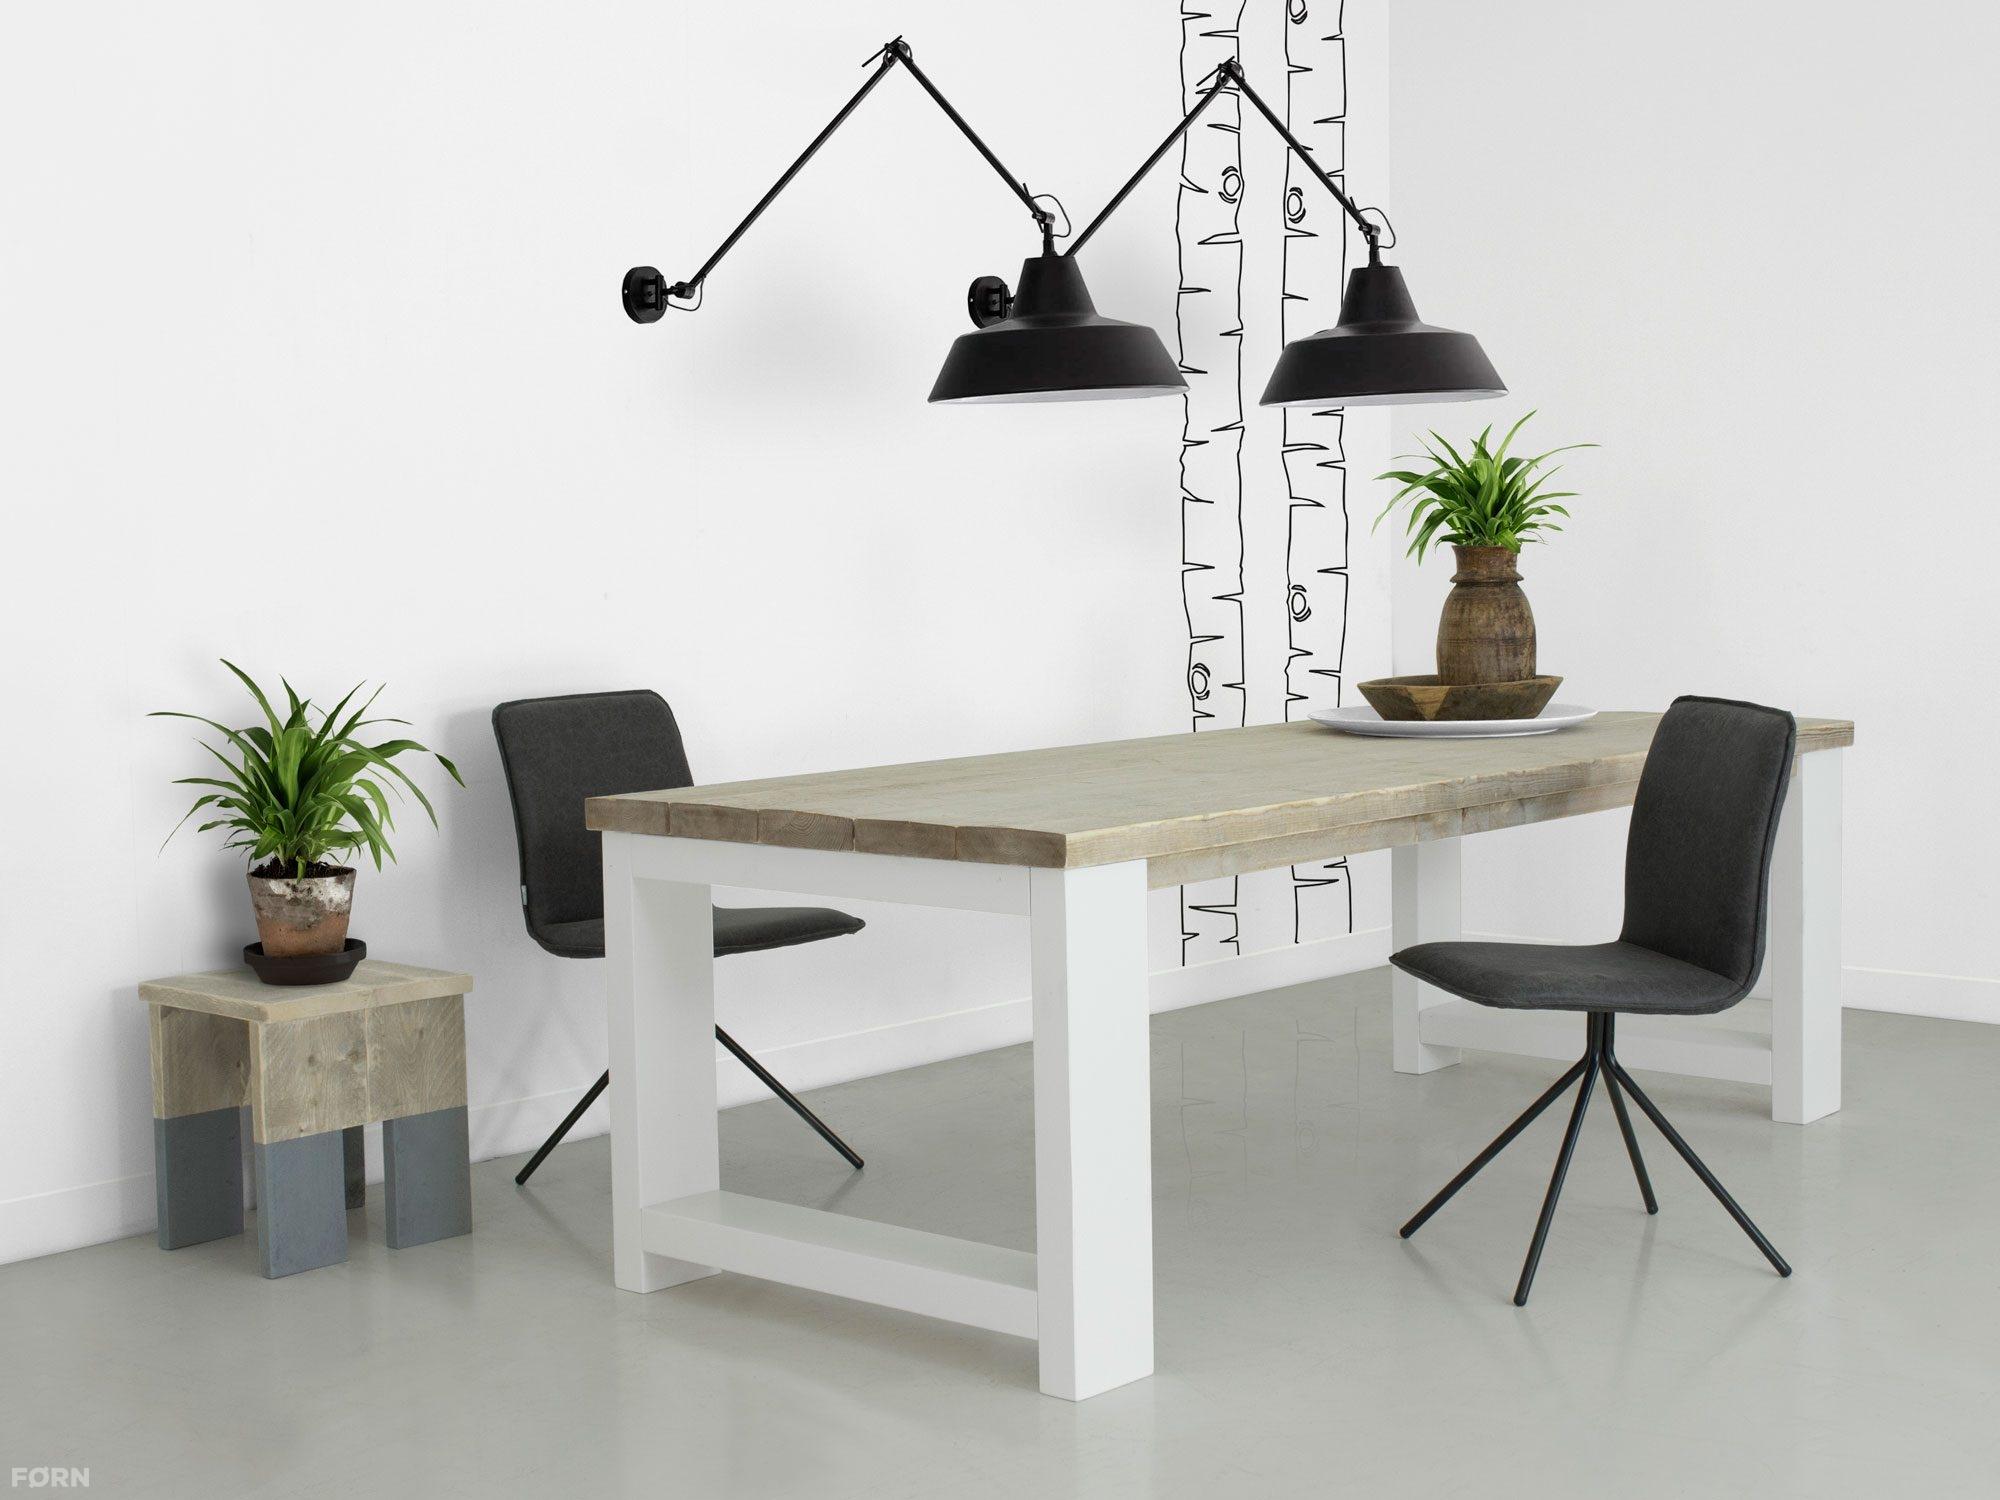 Steigerhouten tafel met dikke planken millau tafels met witte poten